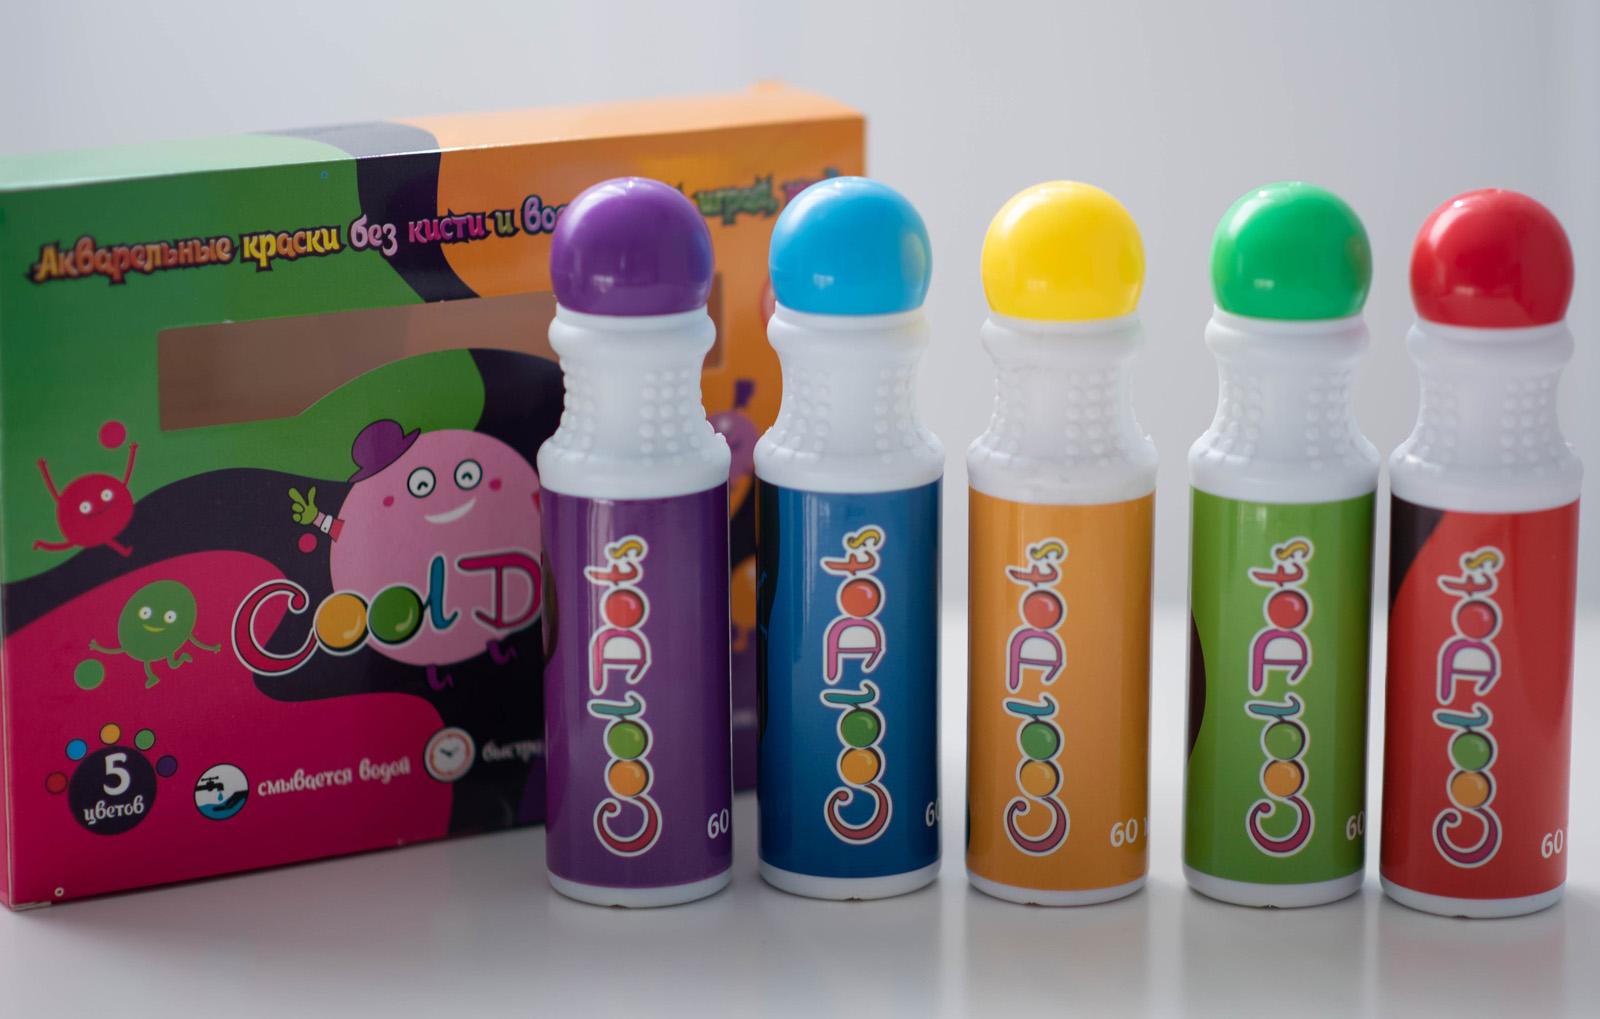 Набор для рисования Краски Cool Dots 5 цветов